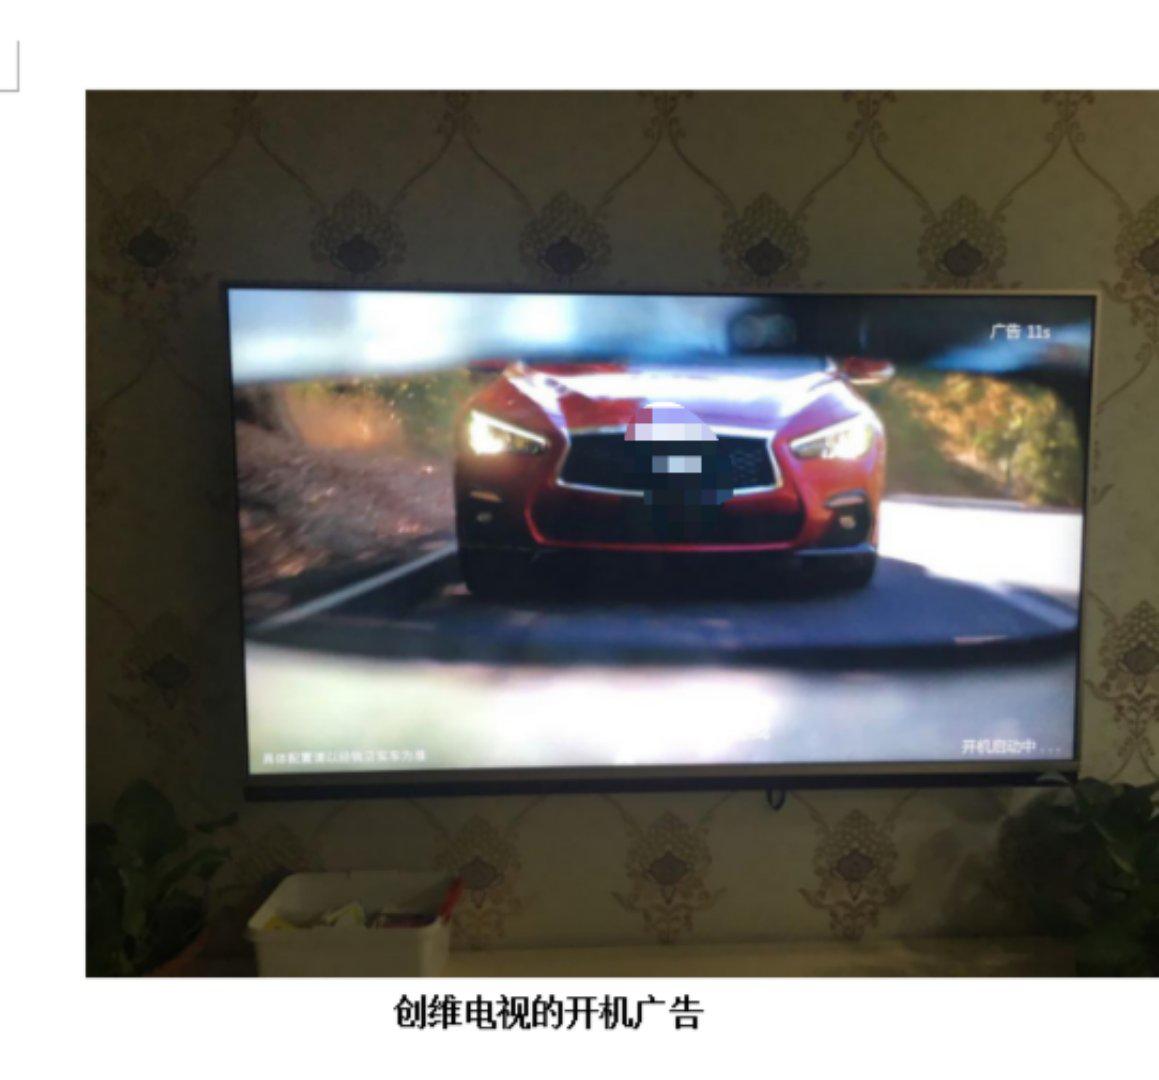 开电视机强制看广告 海信你们欠用户一笔广告费